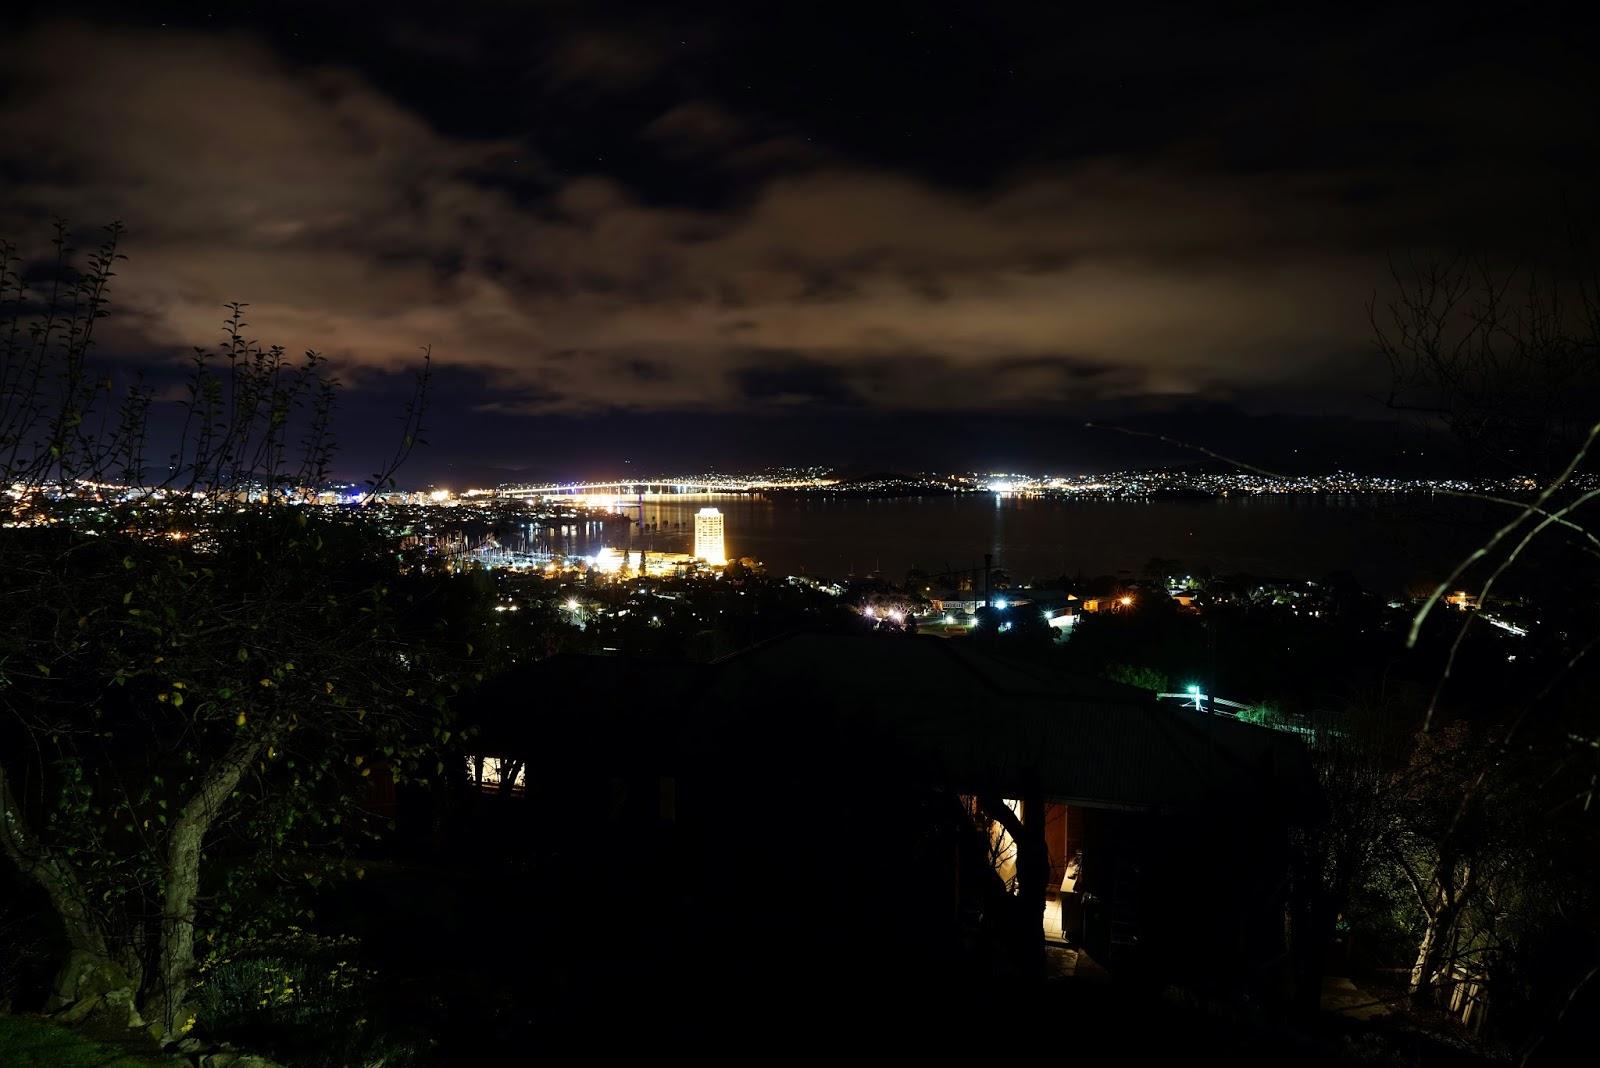 塔斯馬尼亞-夜景-住宿-推薦-Airbnb-Tasmania-Australia